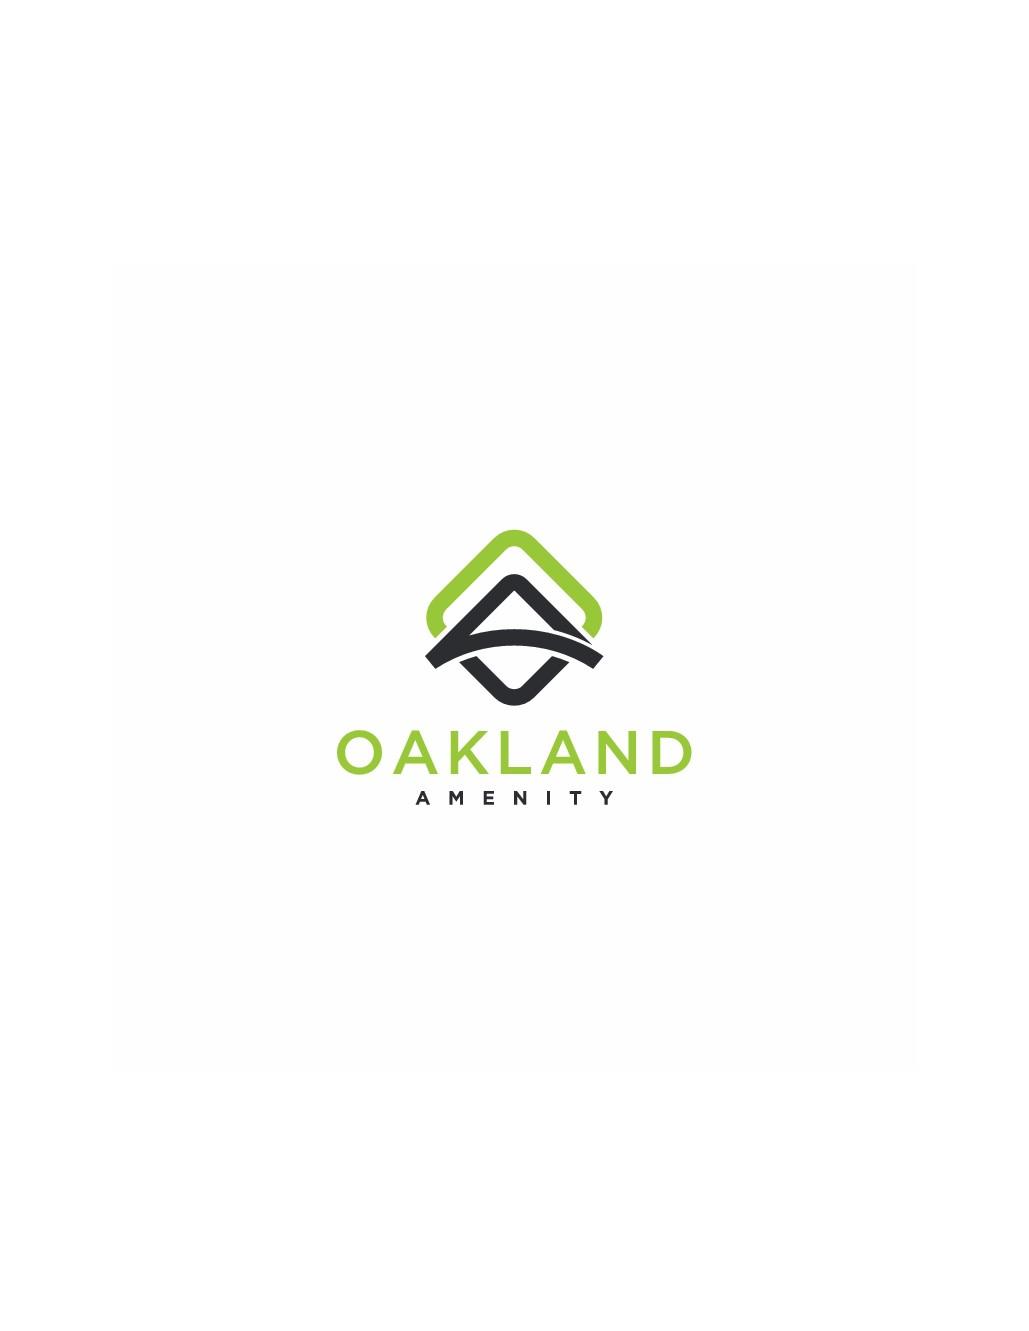 Logo me up